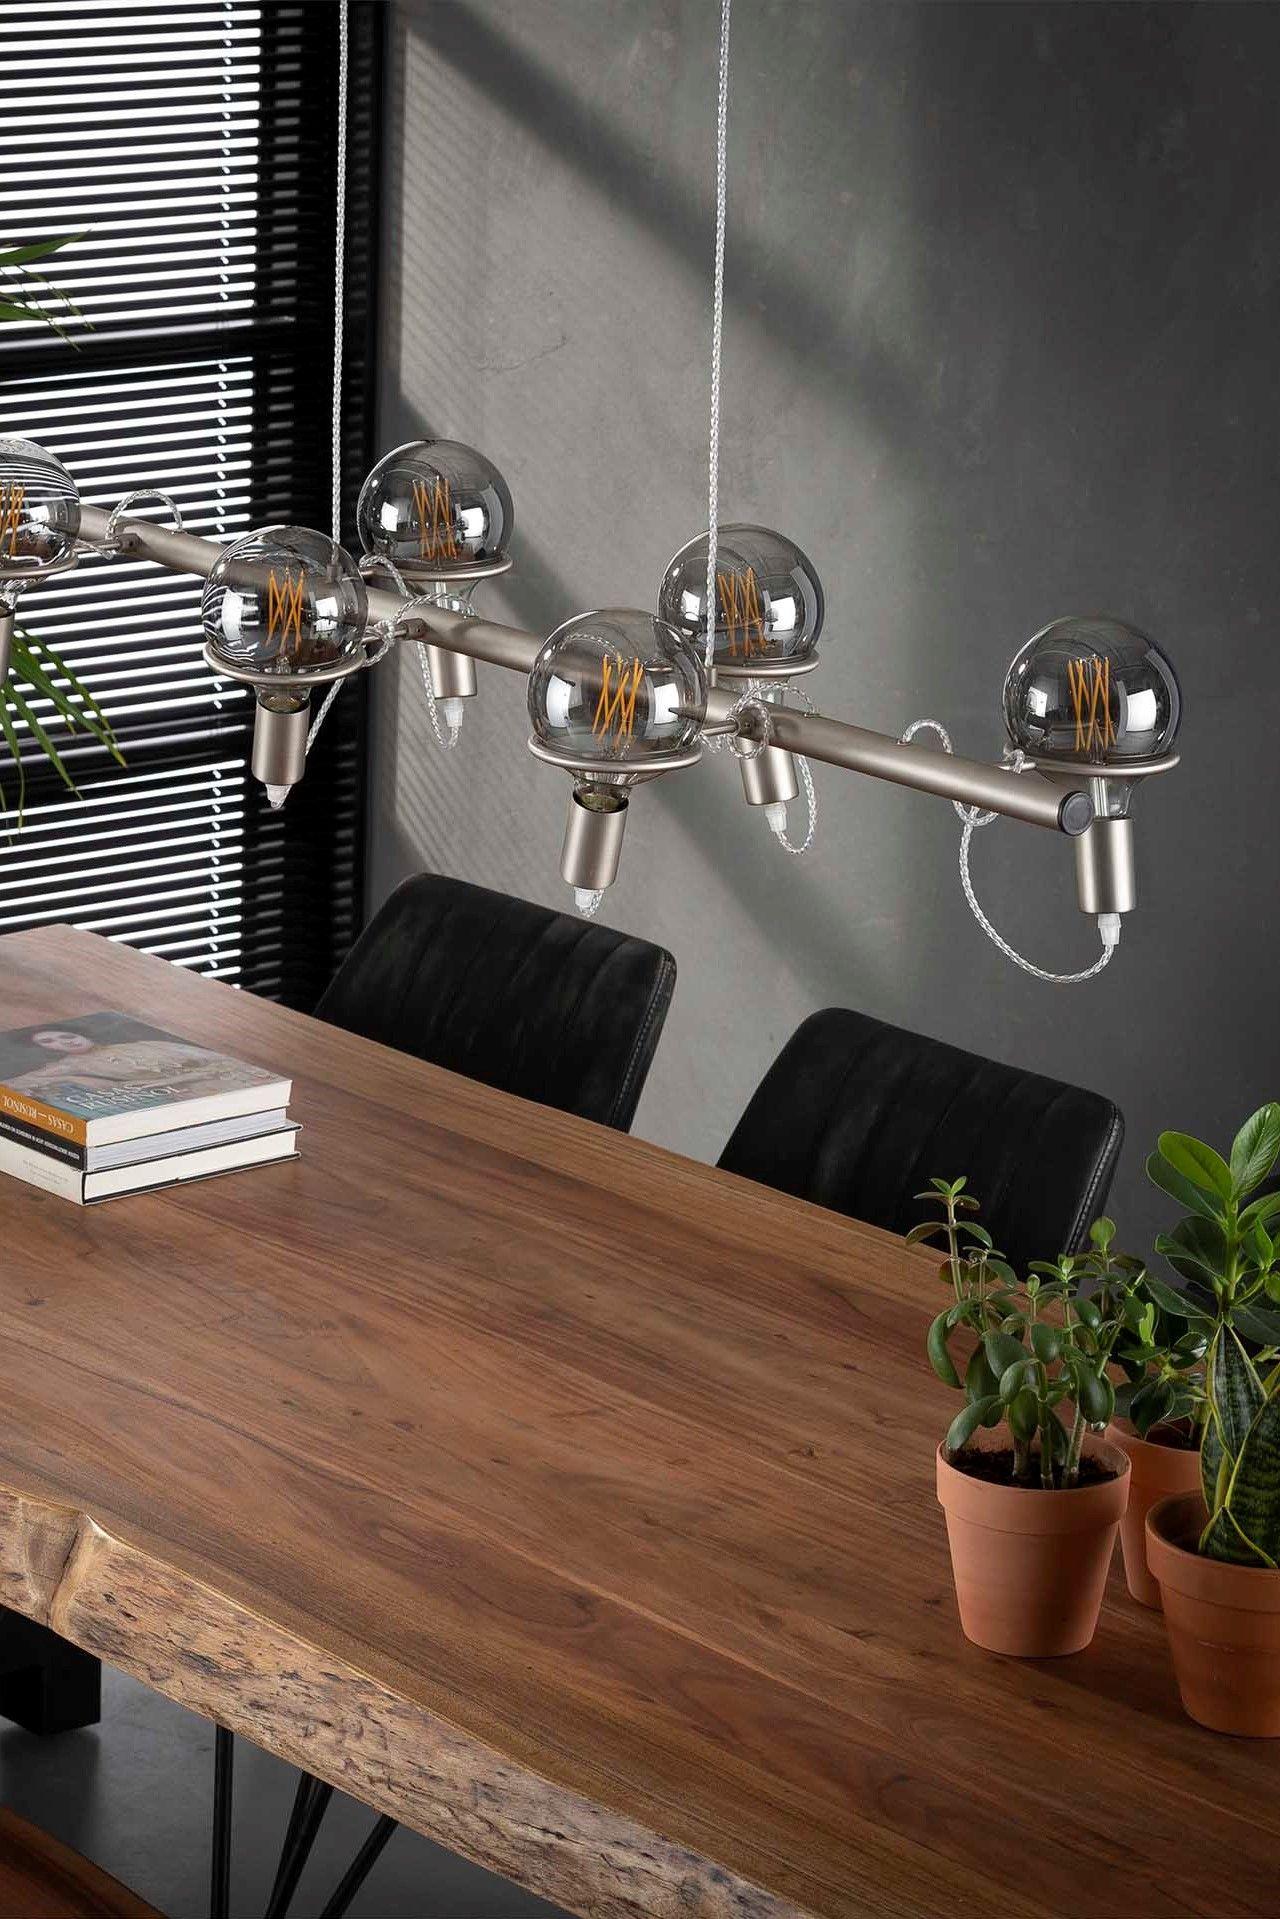 Hangelampe Ring Lampen Rustikale Beleuchtung Innenbeleuchtung